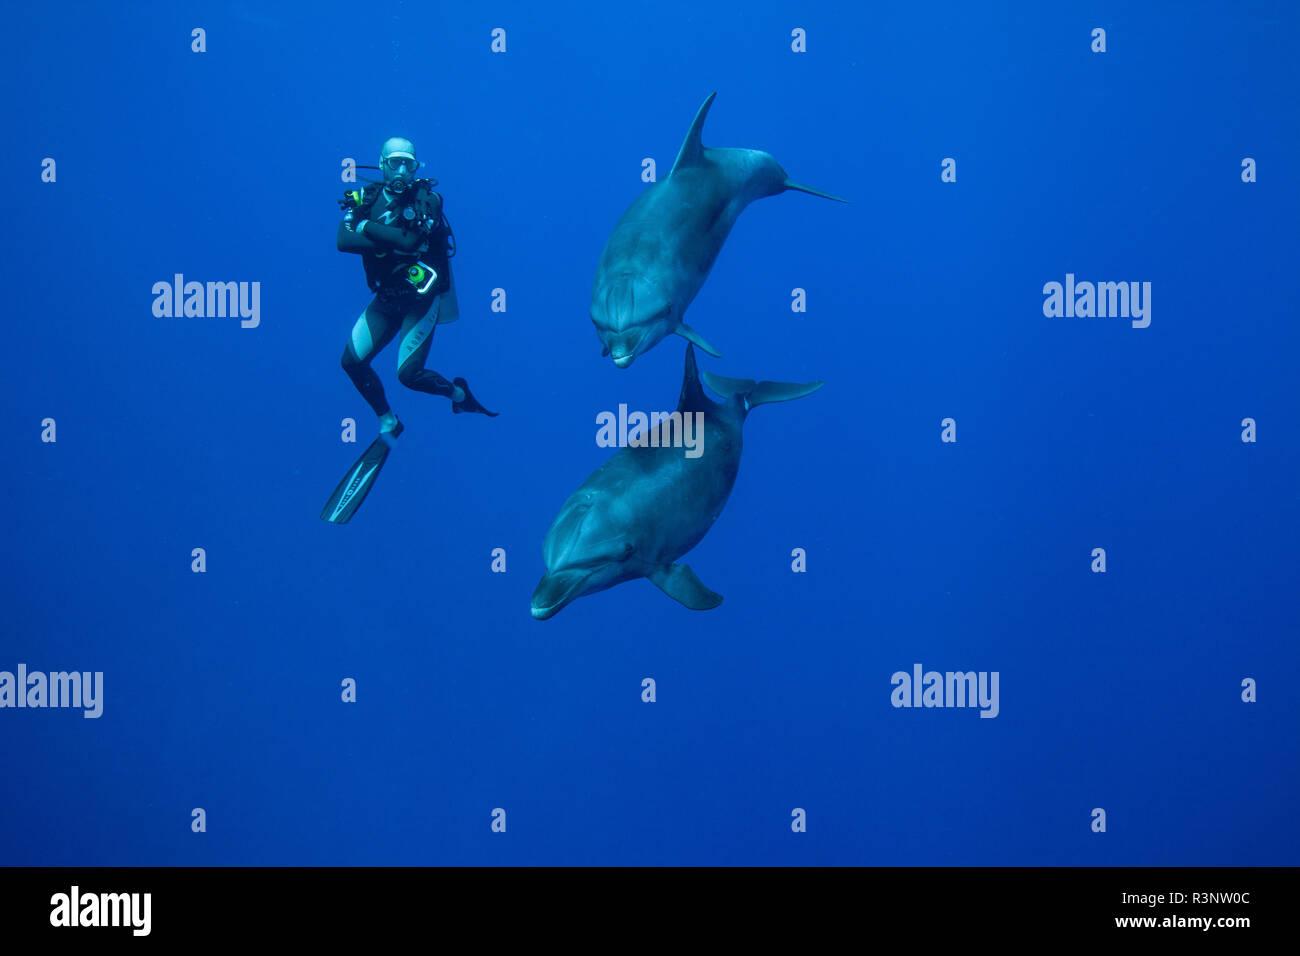 Diver and bottlenose dolphin (Tursiops truncatus), Rangiroa, Tuamotu, French Polynesia - Stock Image